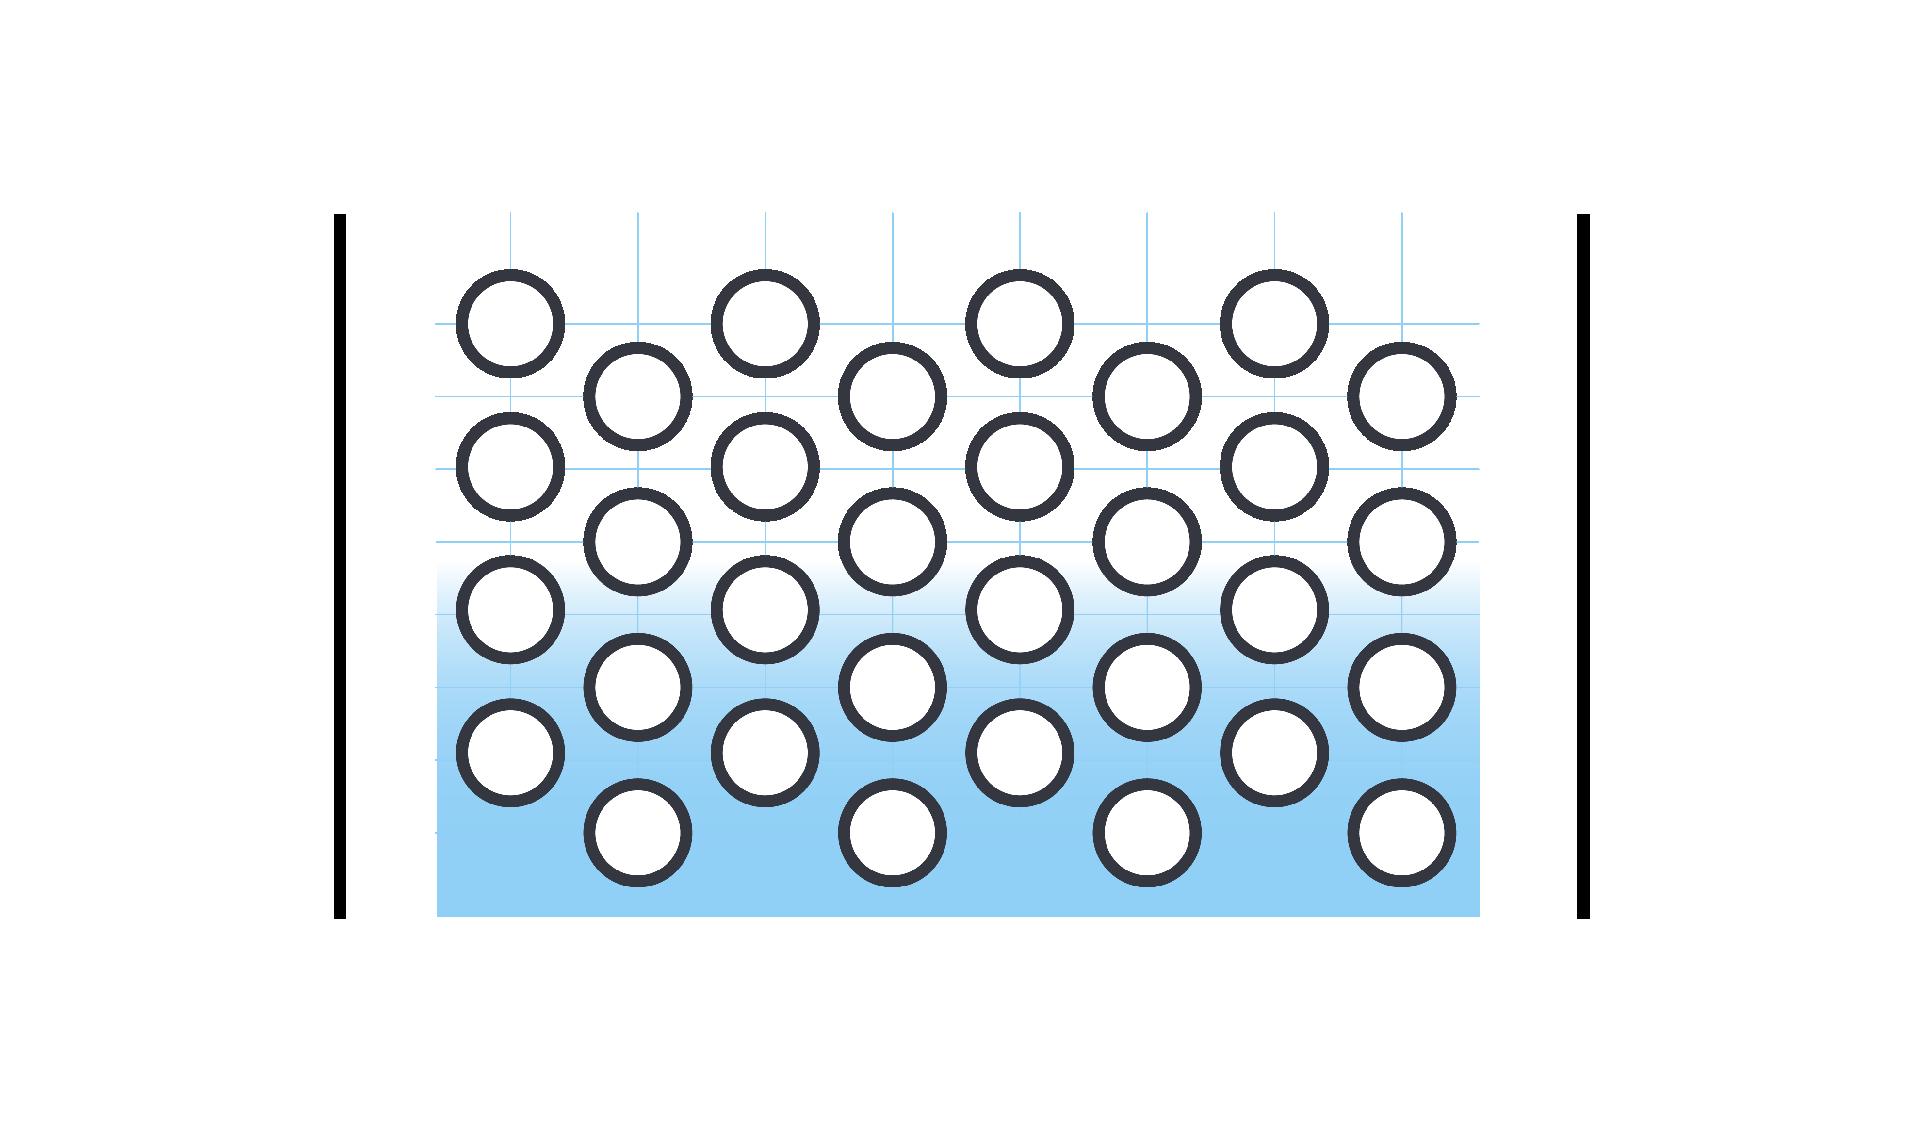 Perçage des filières en diagonale